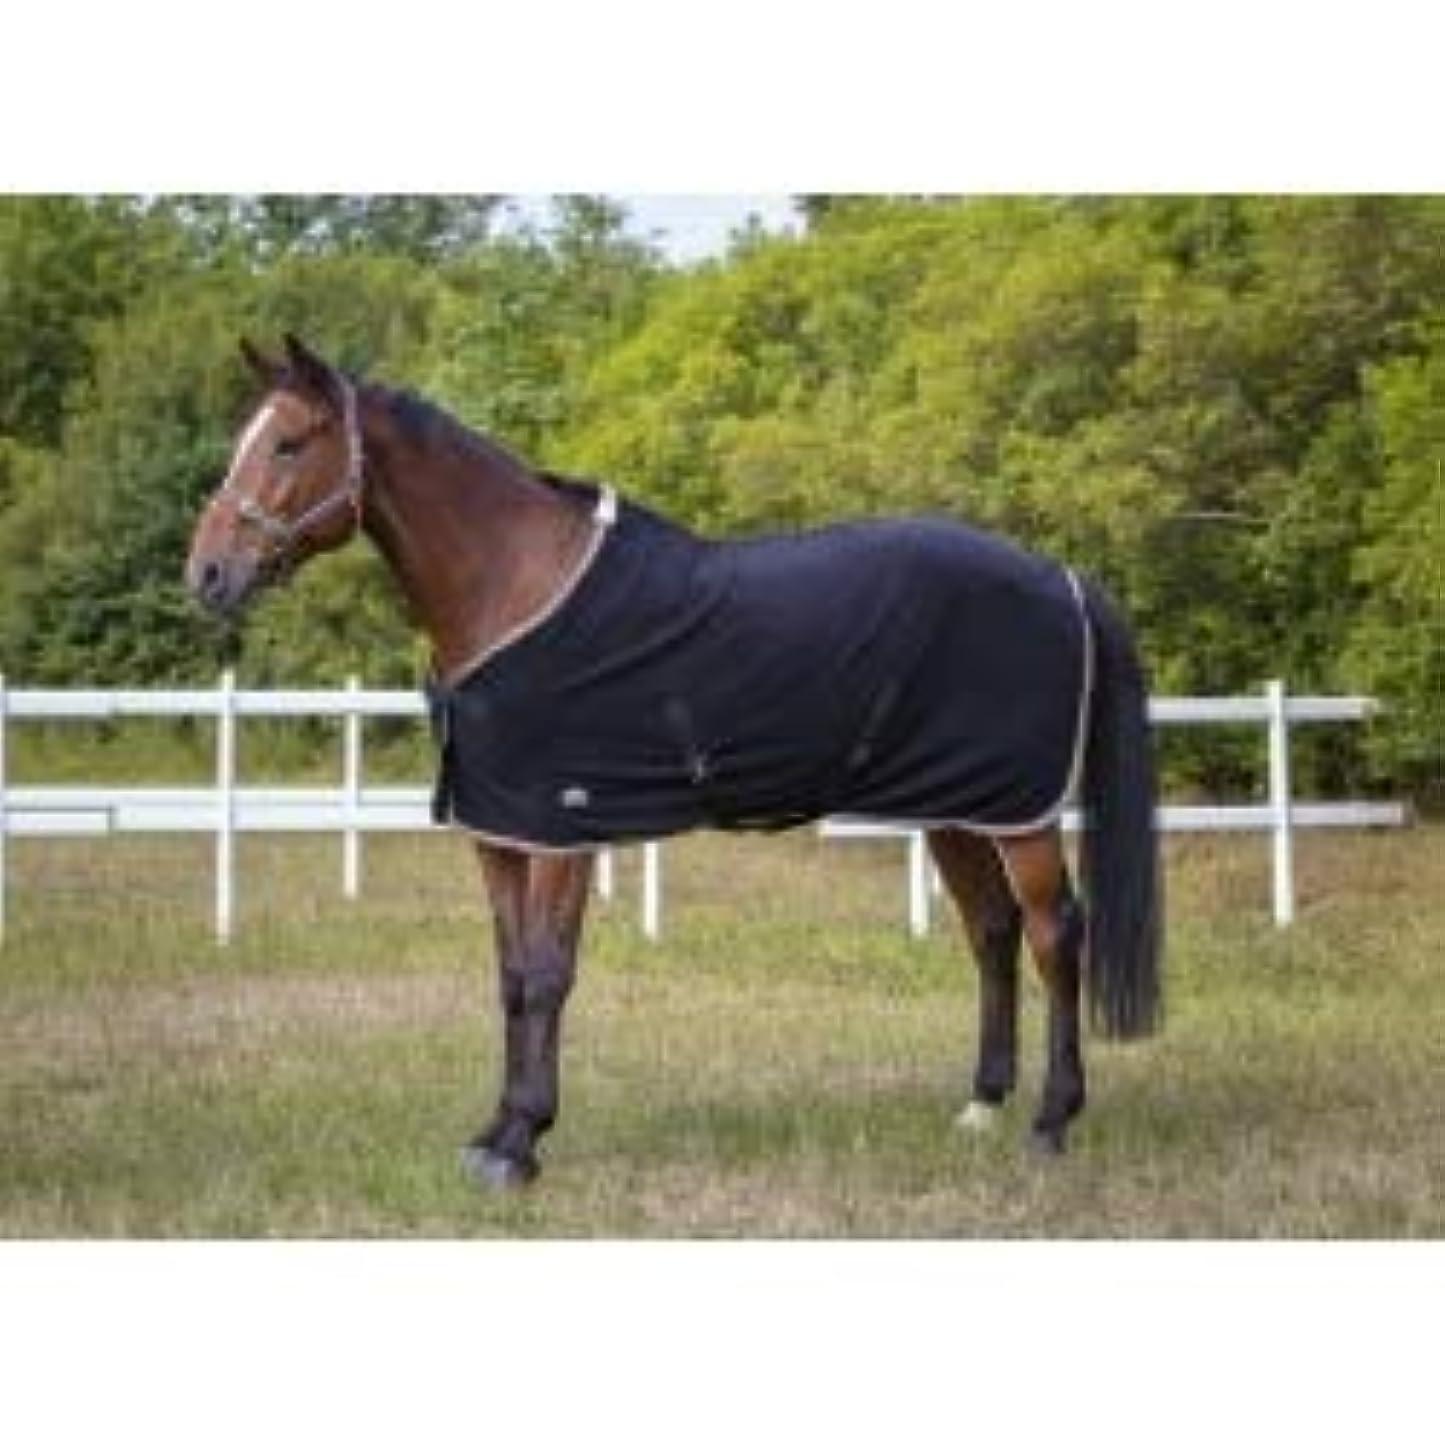 種類うなる怒ってEKKIA(エキア) 乗馬用具 ブラック ETHEME POLYFUN RUG BLACK 7'0 400730270 400730270